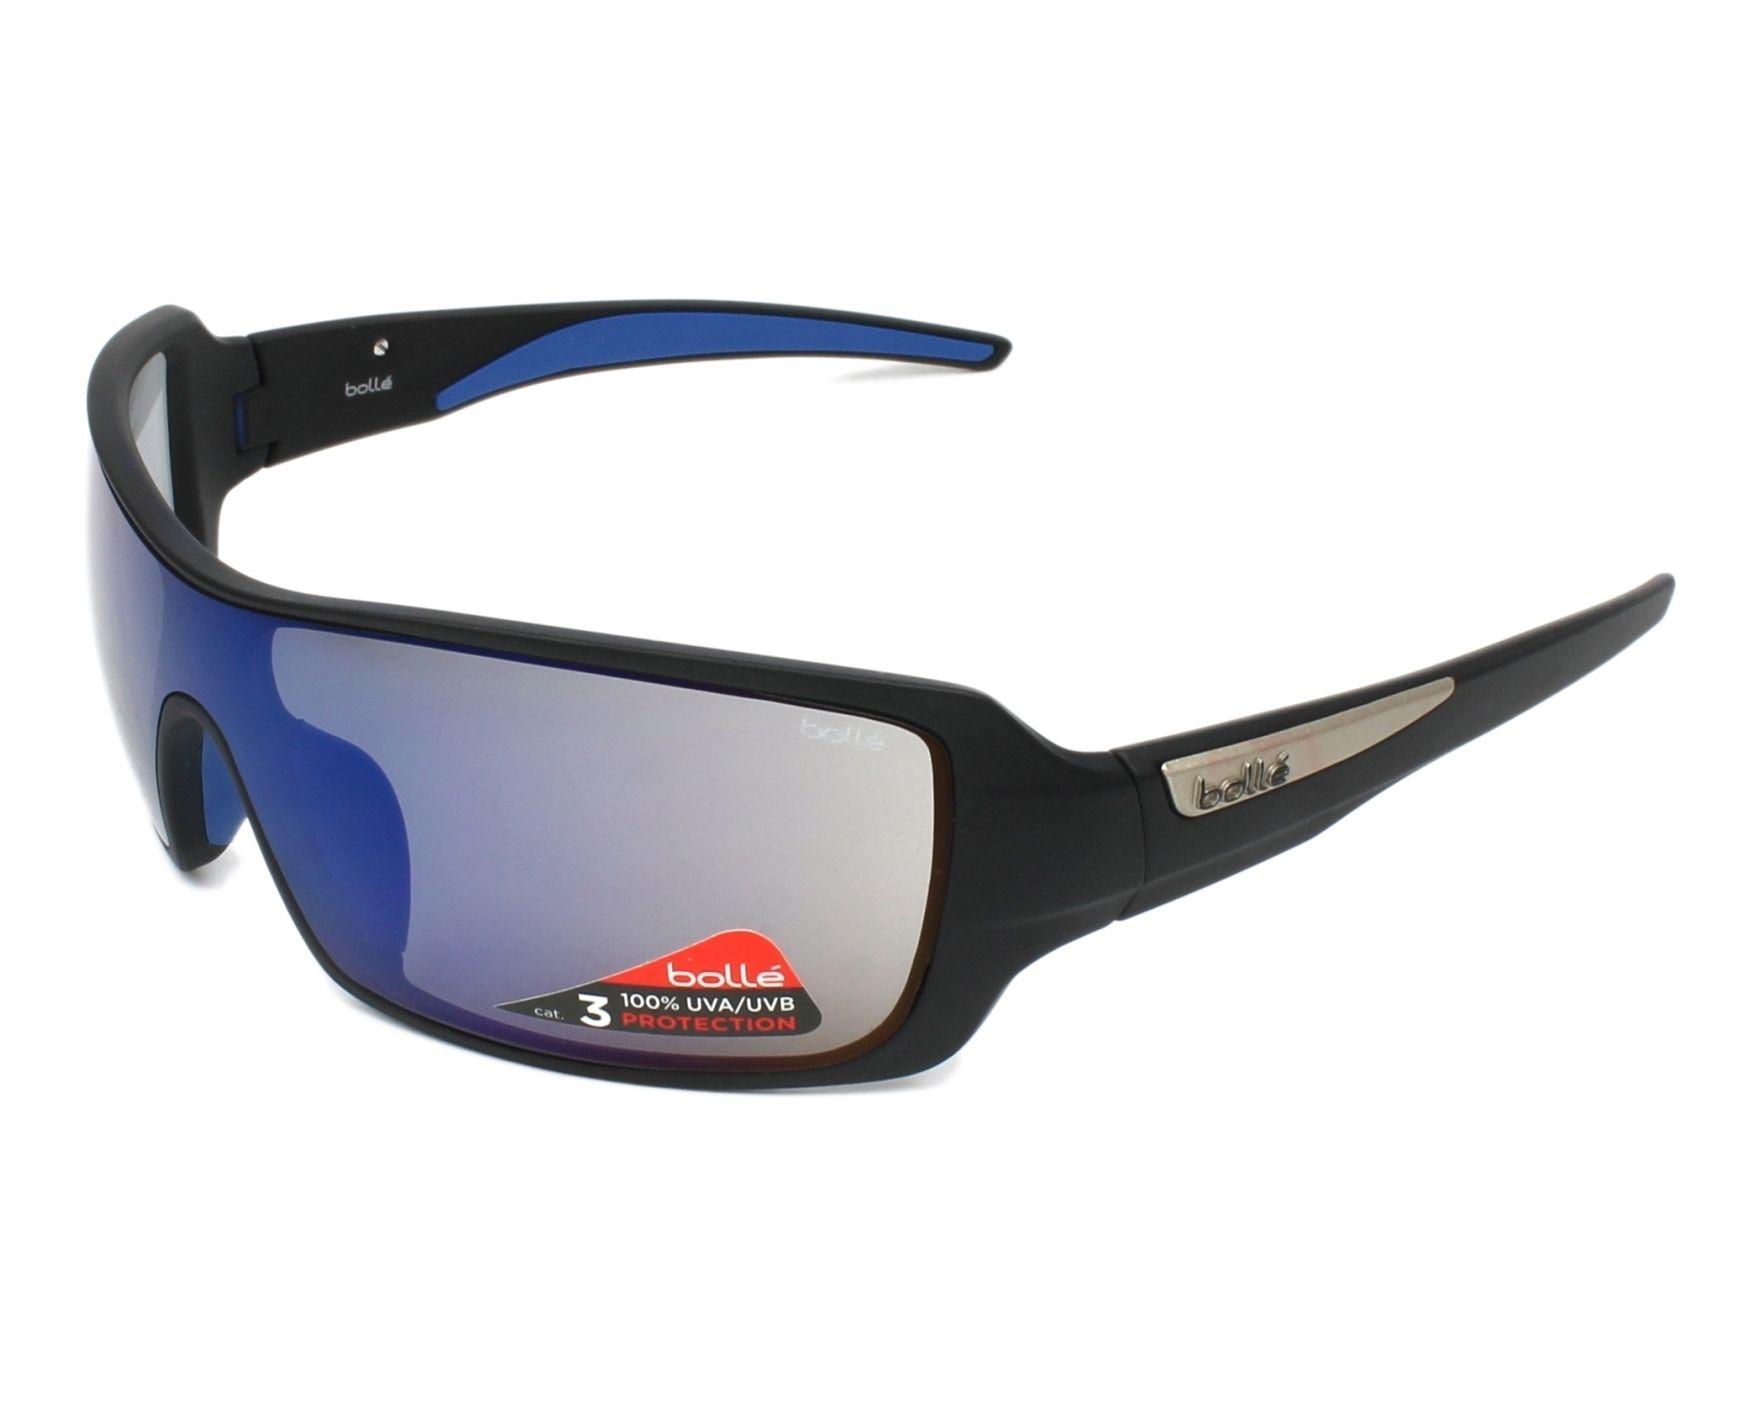 1db82a6332 Gafas de sol Bollé DIAMONDBACK 11923 70-16 Negra Azul vista de perfil